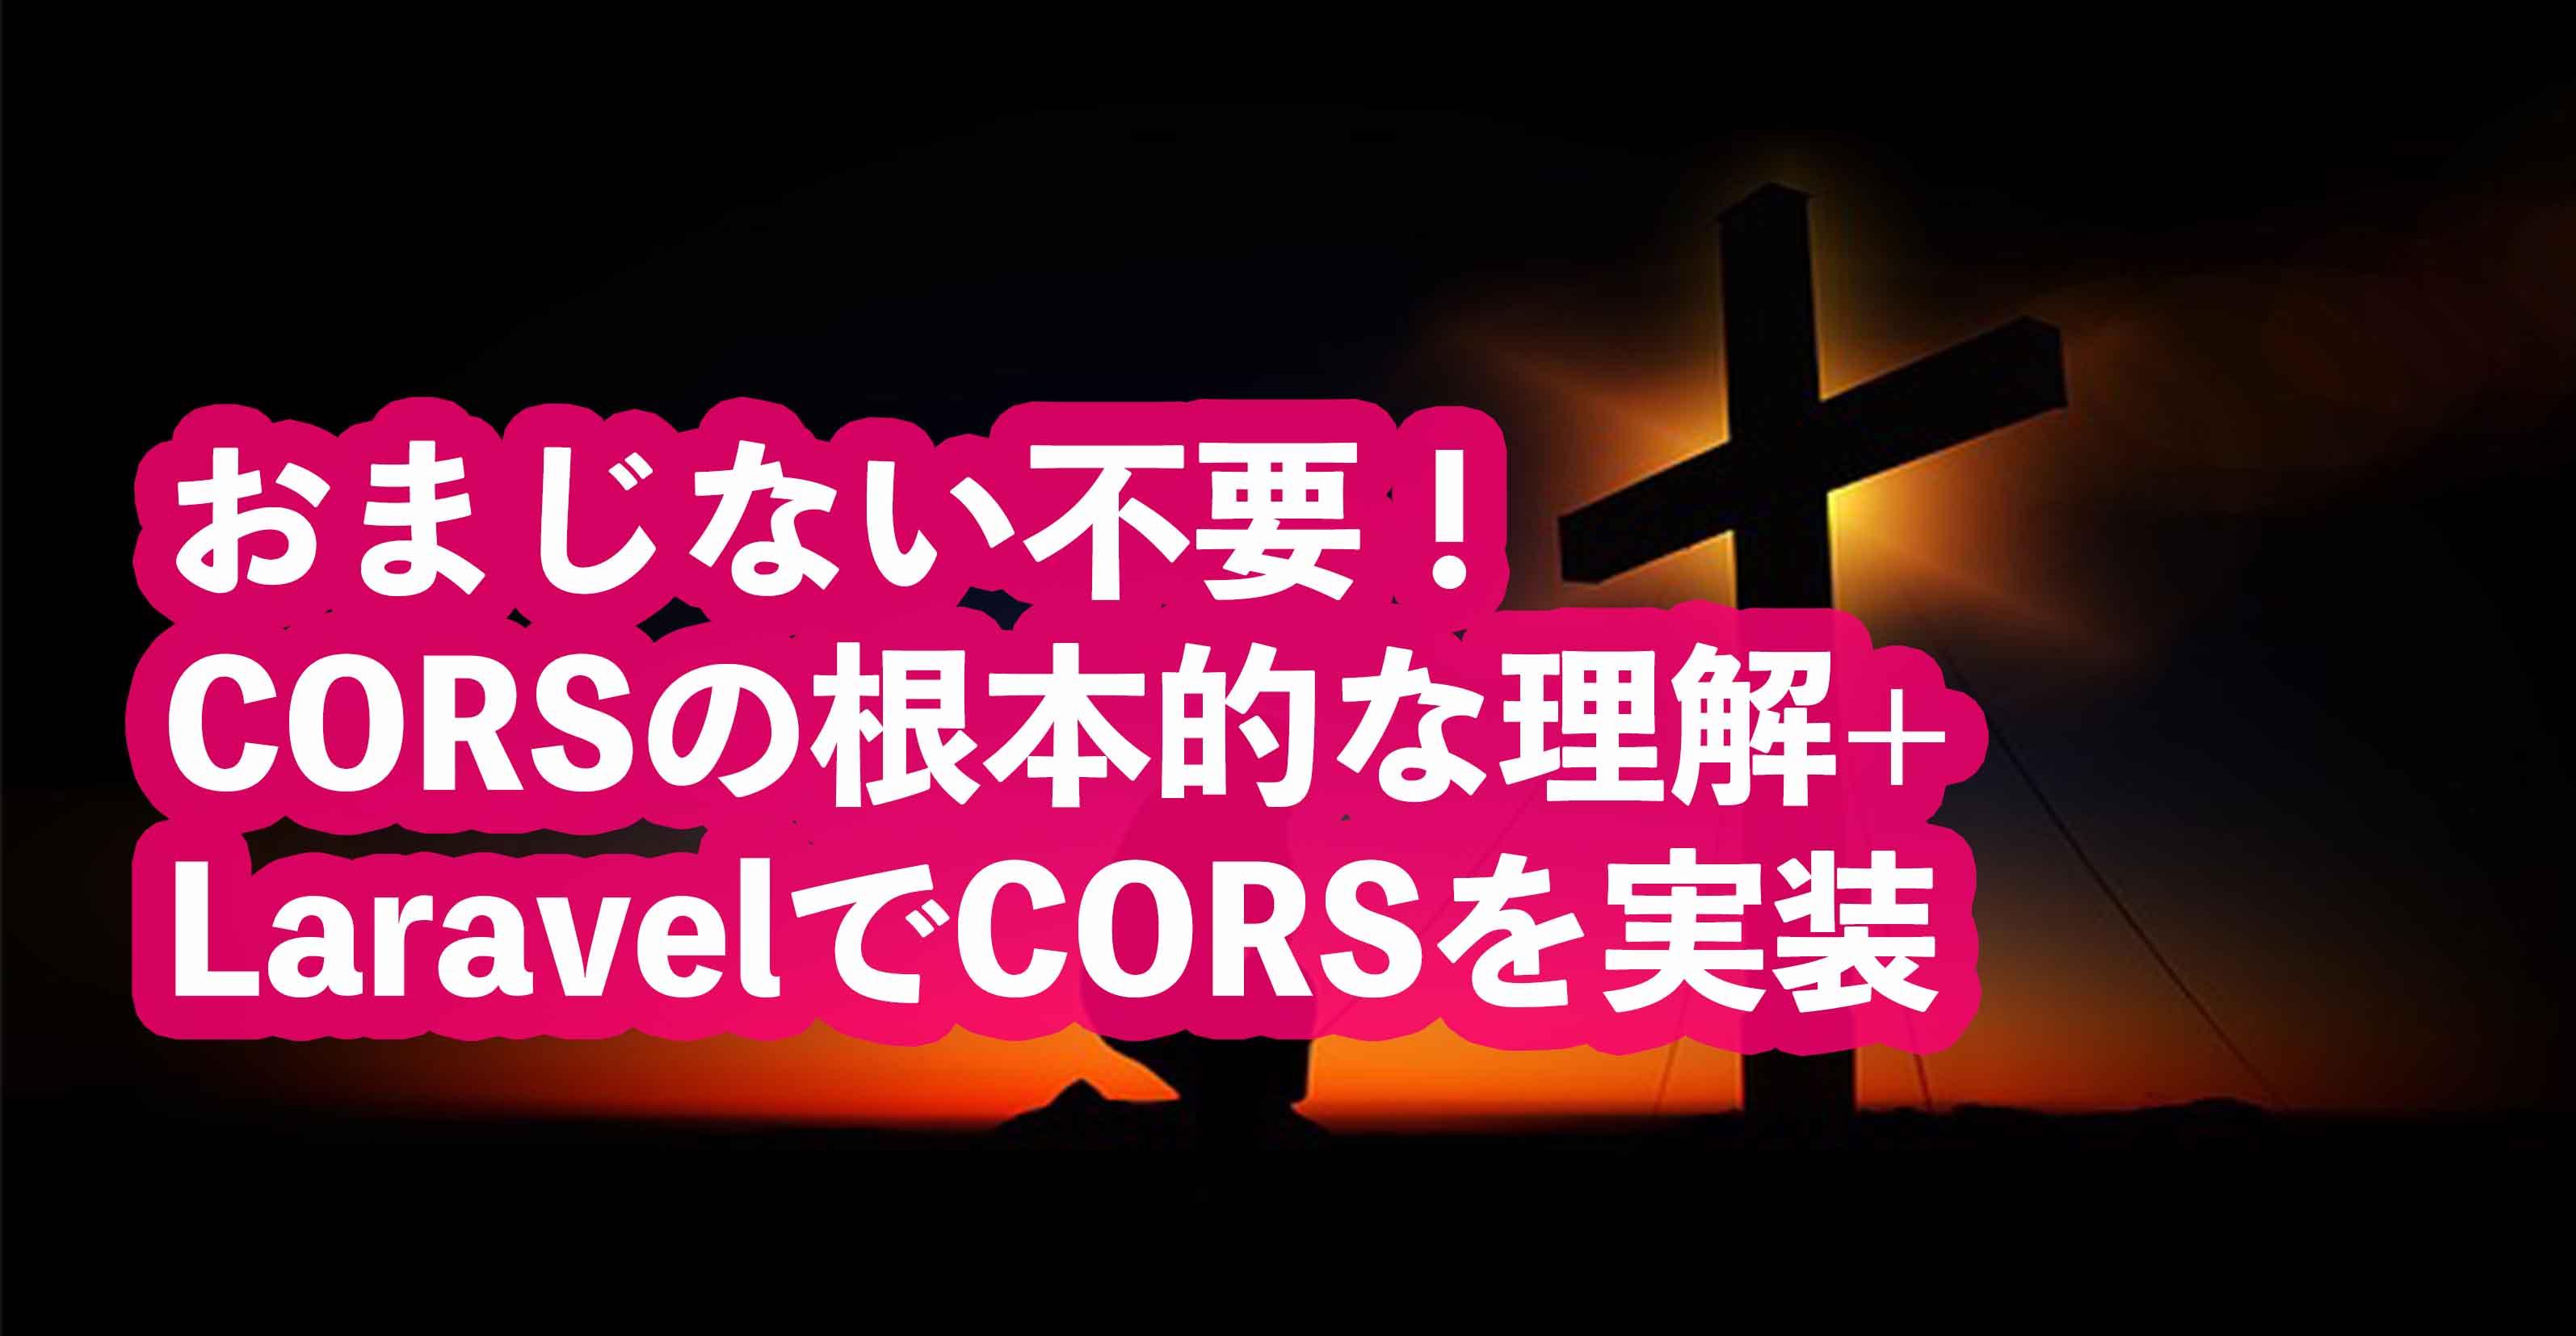 CORSの根本的な理解+Laravelでの実装仕方を解説